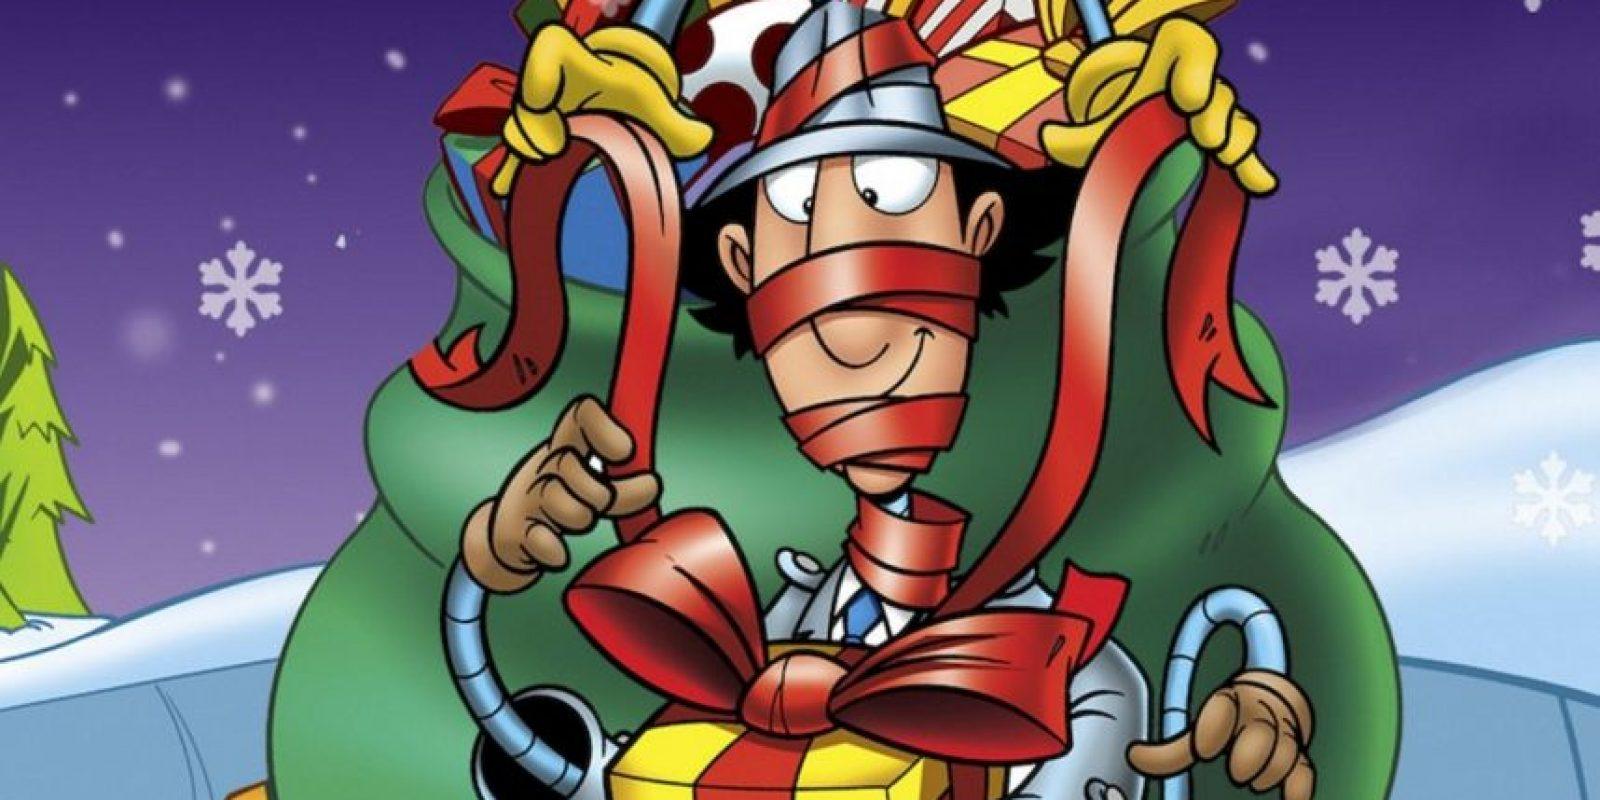 El Inspector Gadget ayudado por su sobrina Penny y su leal perro Brain, rescata a Santa del malvado Dr. Claw. Foto:vía Netflix